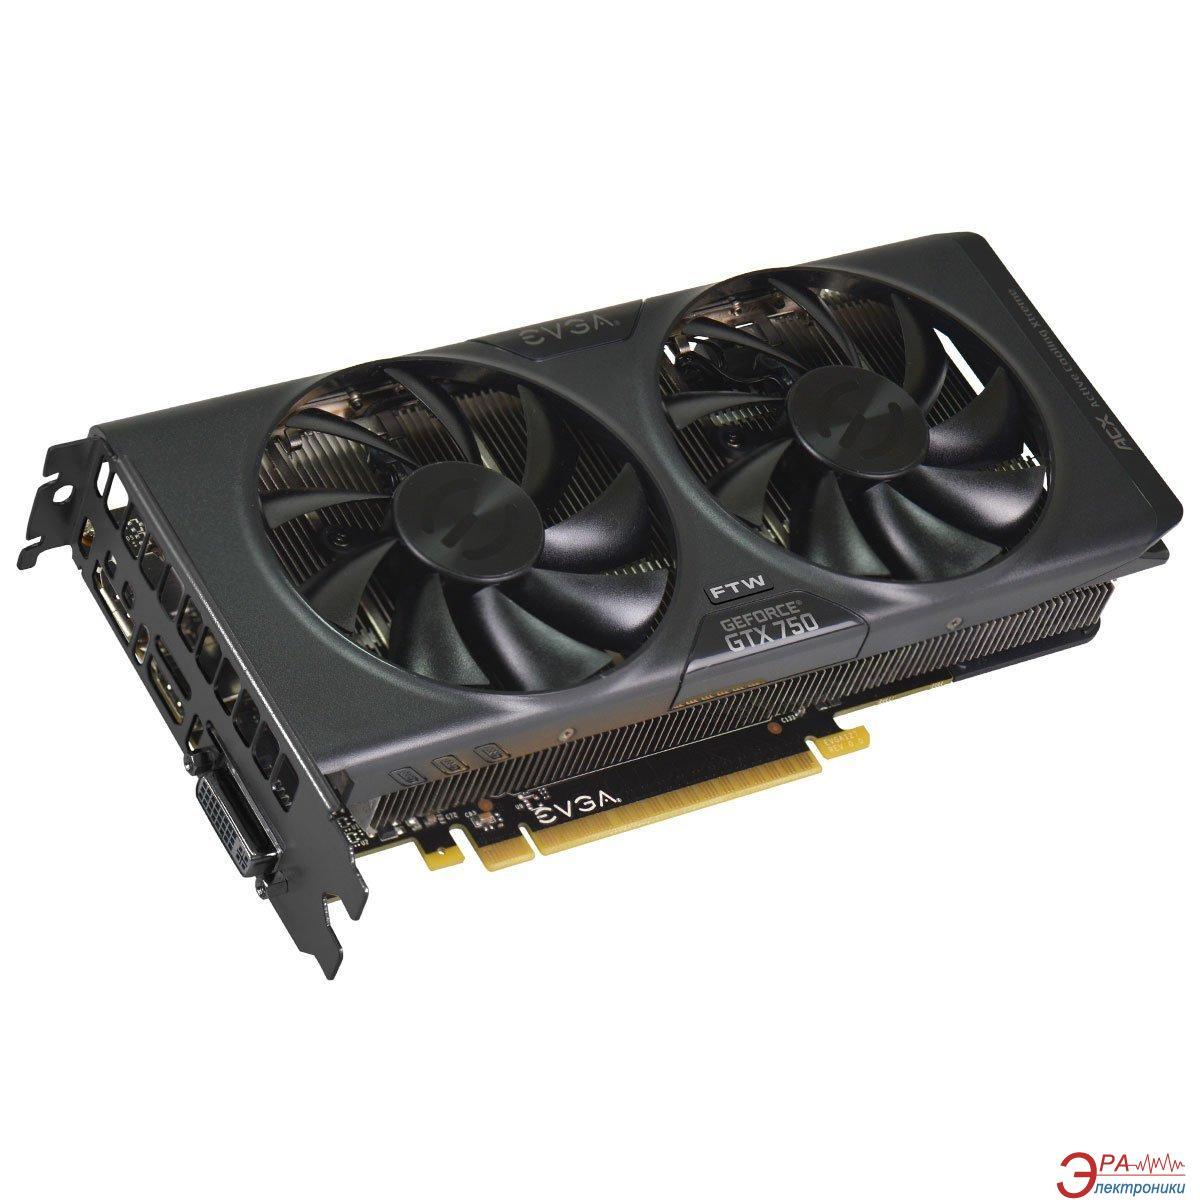 Видеокарта EVGA Nvidia GeForce GTX 750 FTW ACX Cooling GDDR5 1024 Мб (01G-P4-2757-KR)